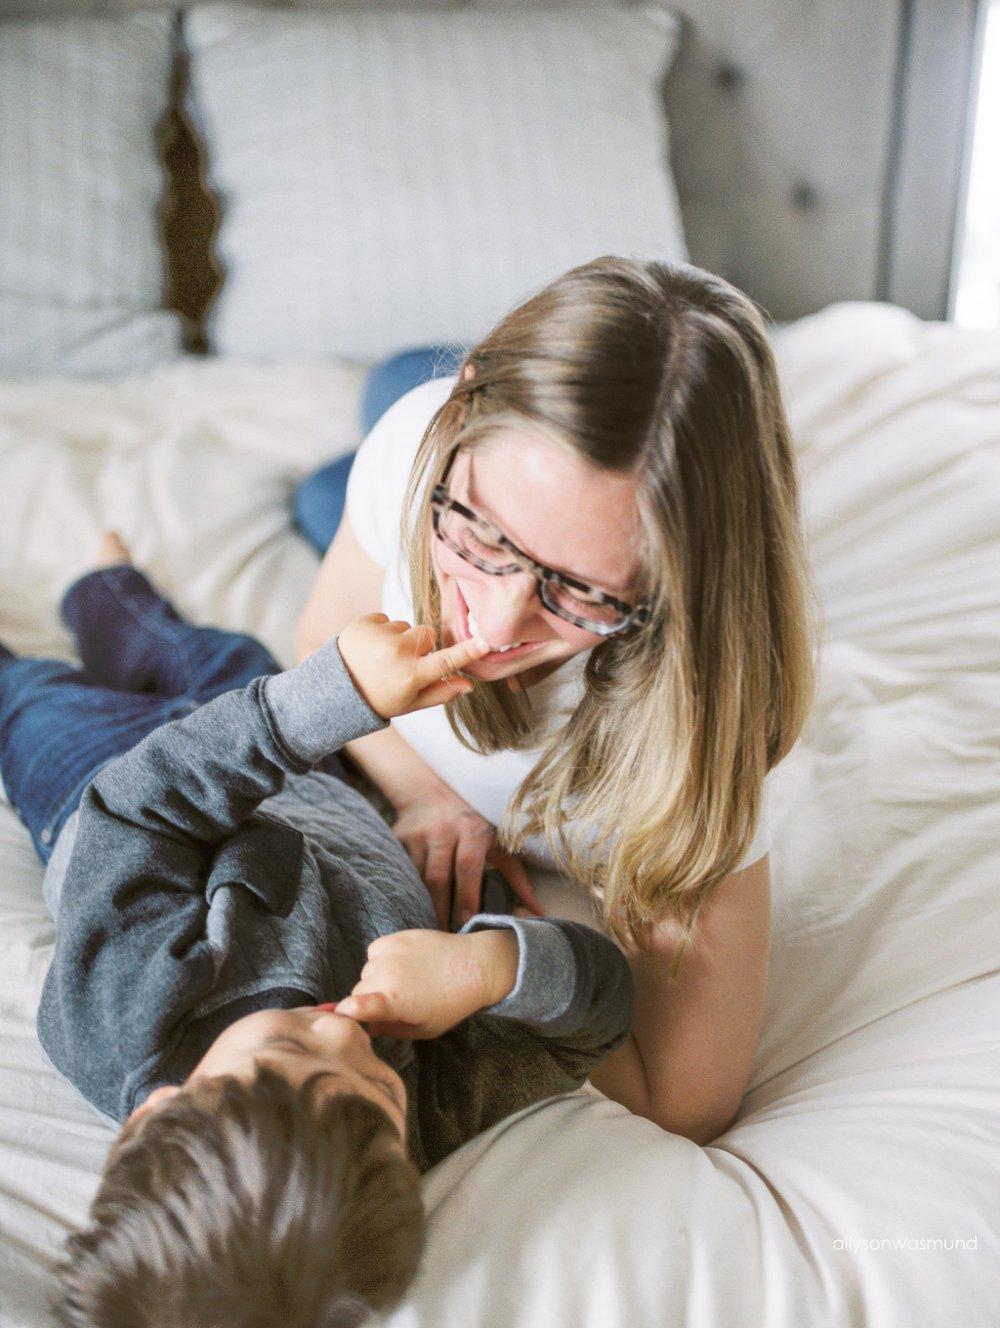 st-paul-mn-in-home-film-maternity-photographer_0011.jpg